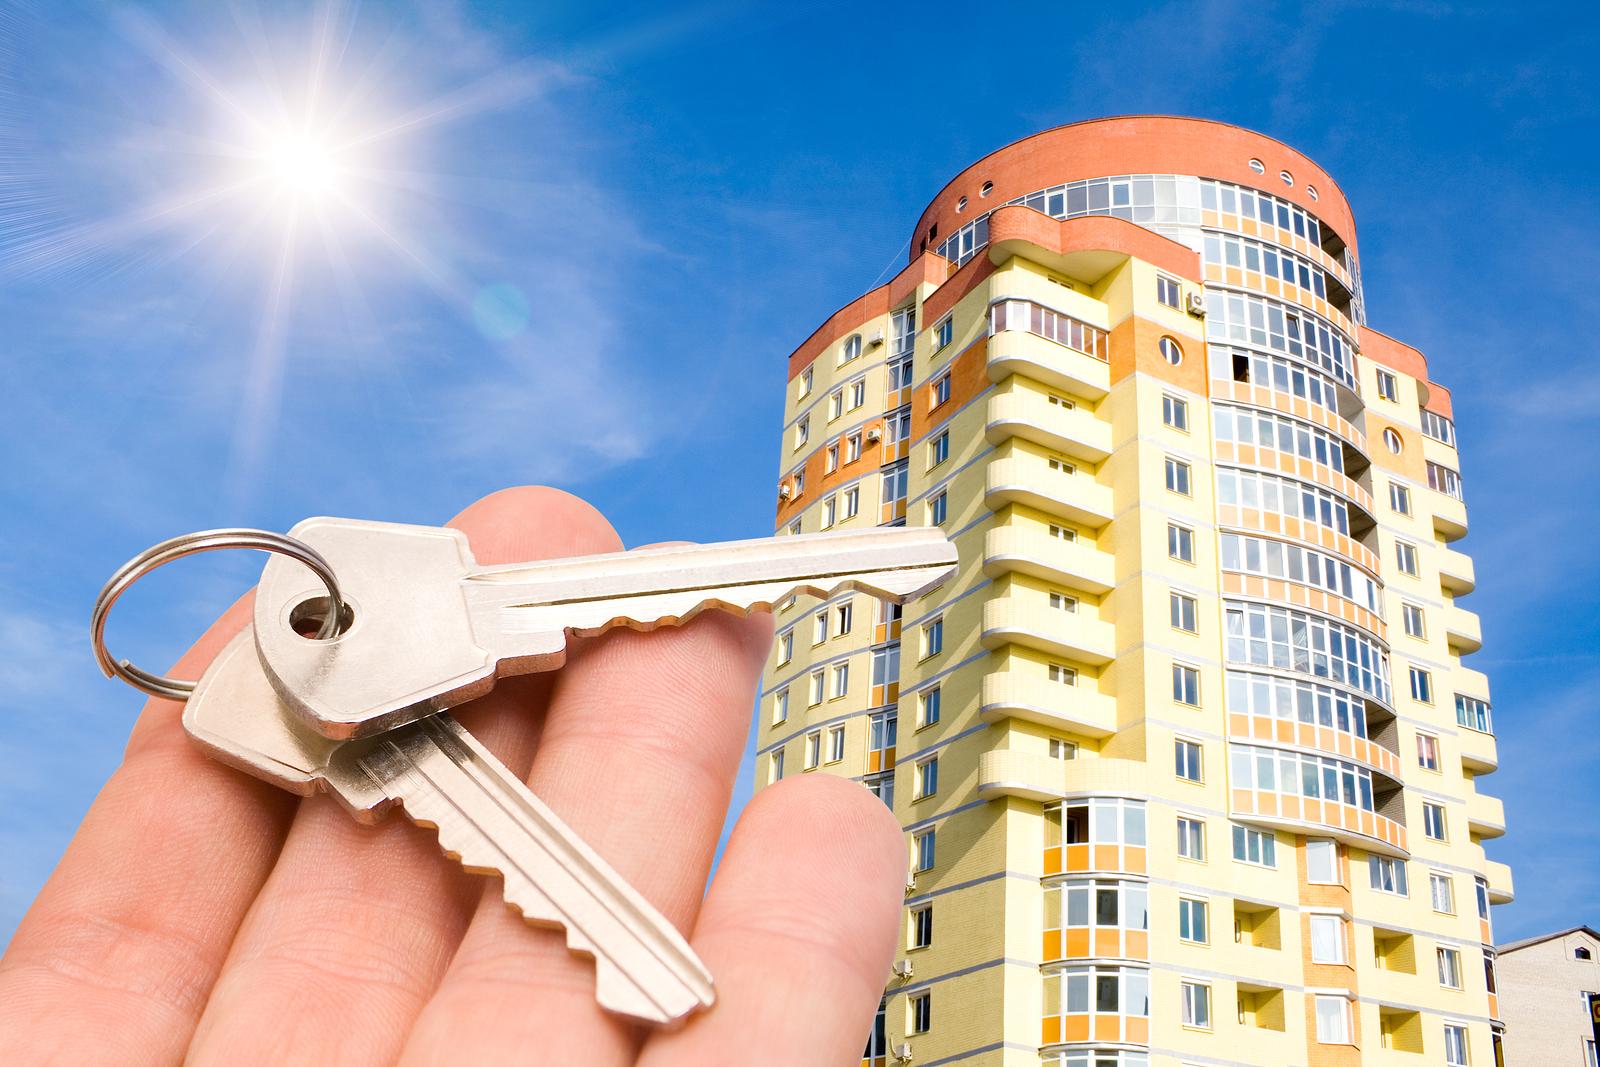 Администрация Афанасьевского района отказалась вносить сироту в список на получение жилья